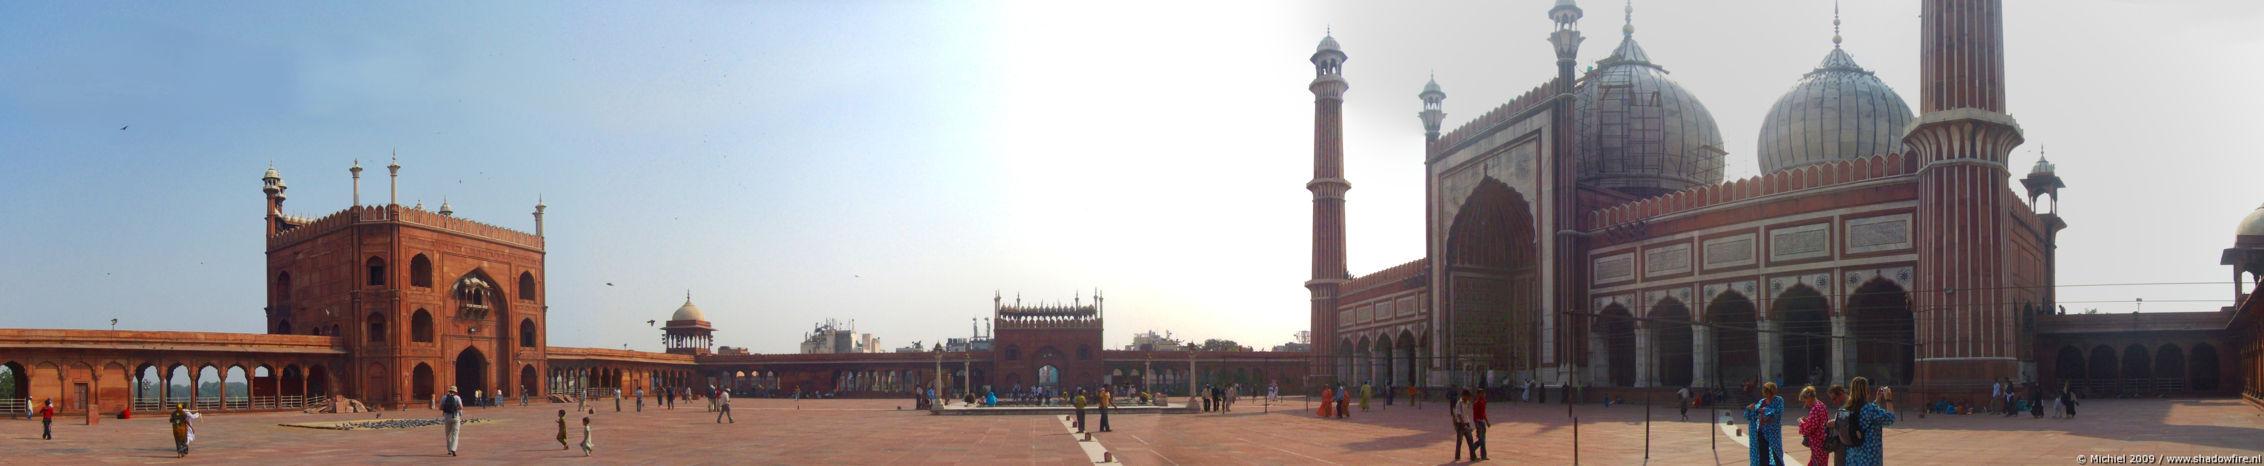 """Результат пошуку зображень за запитом """"india panorama"""""""